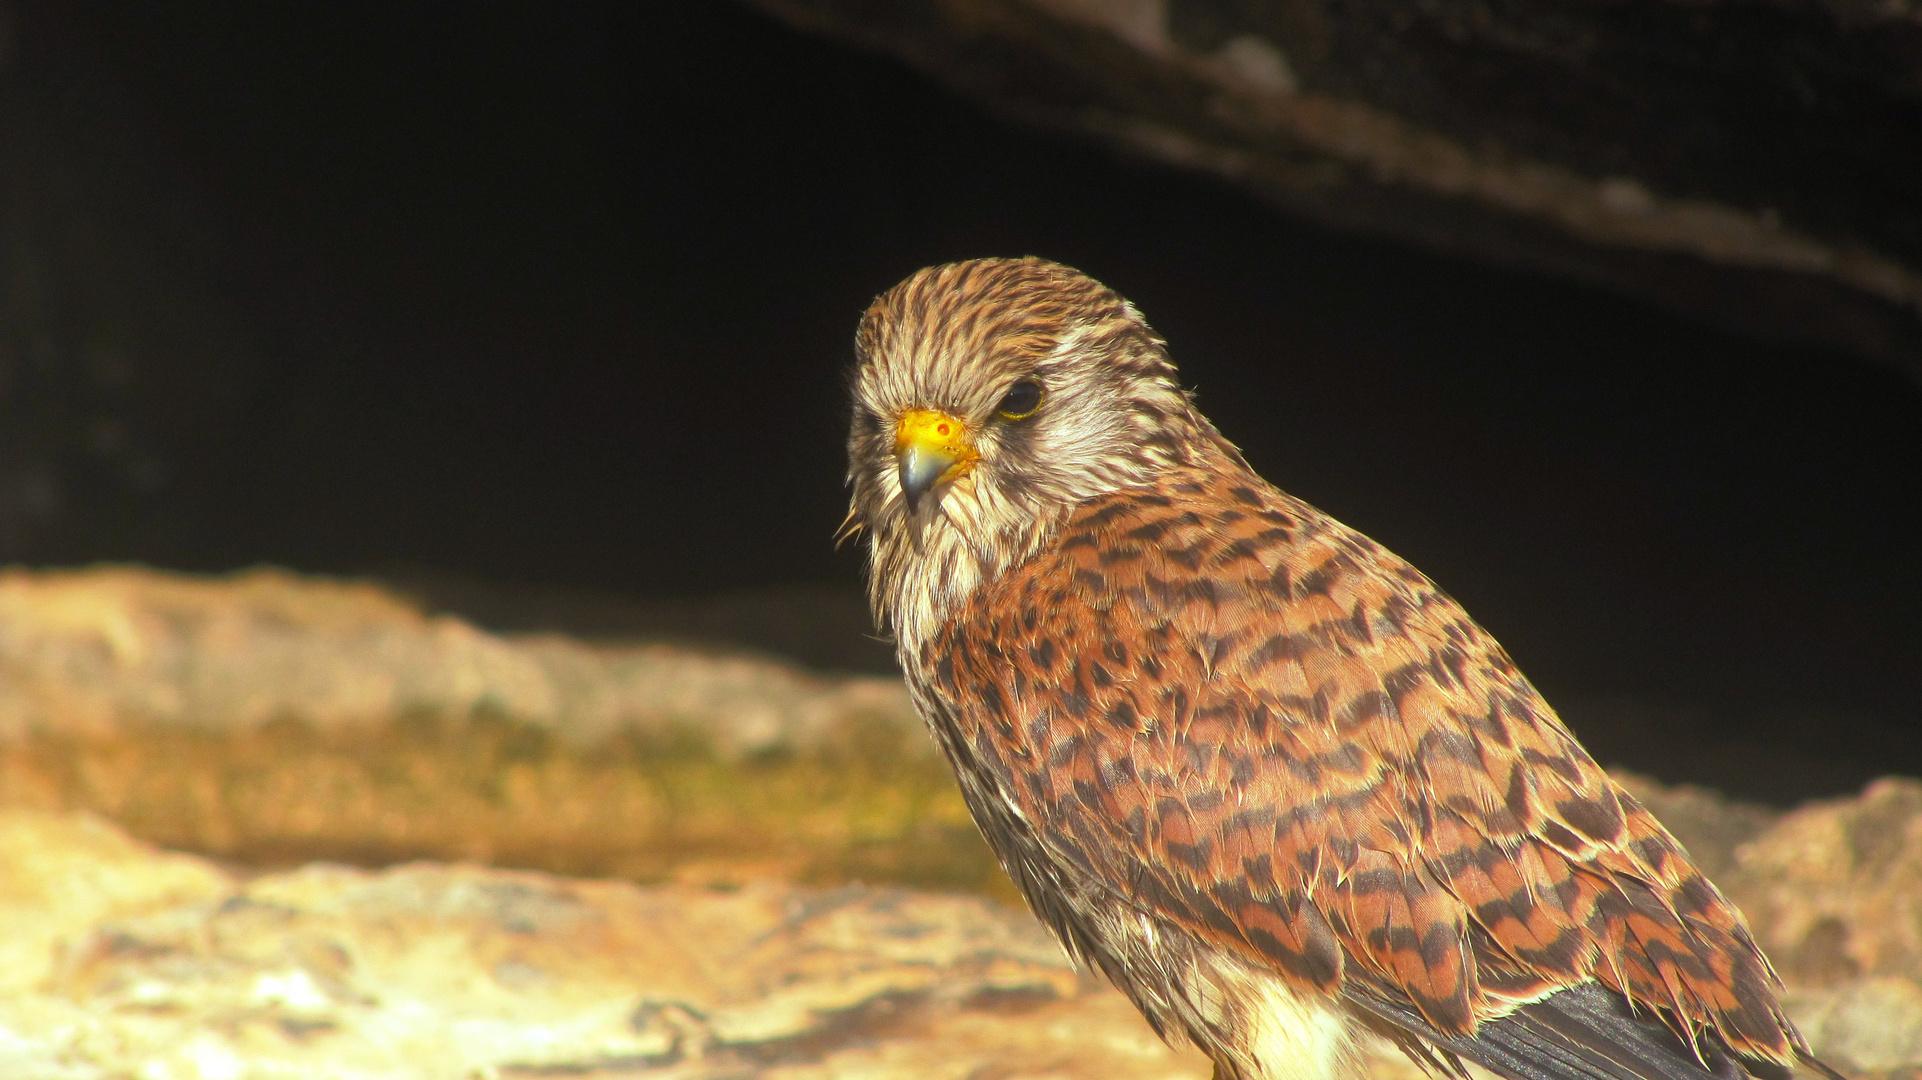 Sad Bird - nach dem Sturm